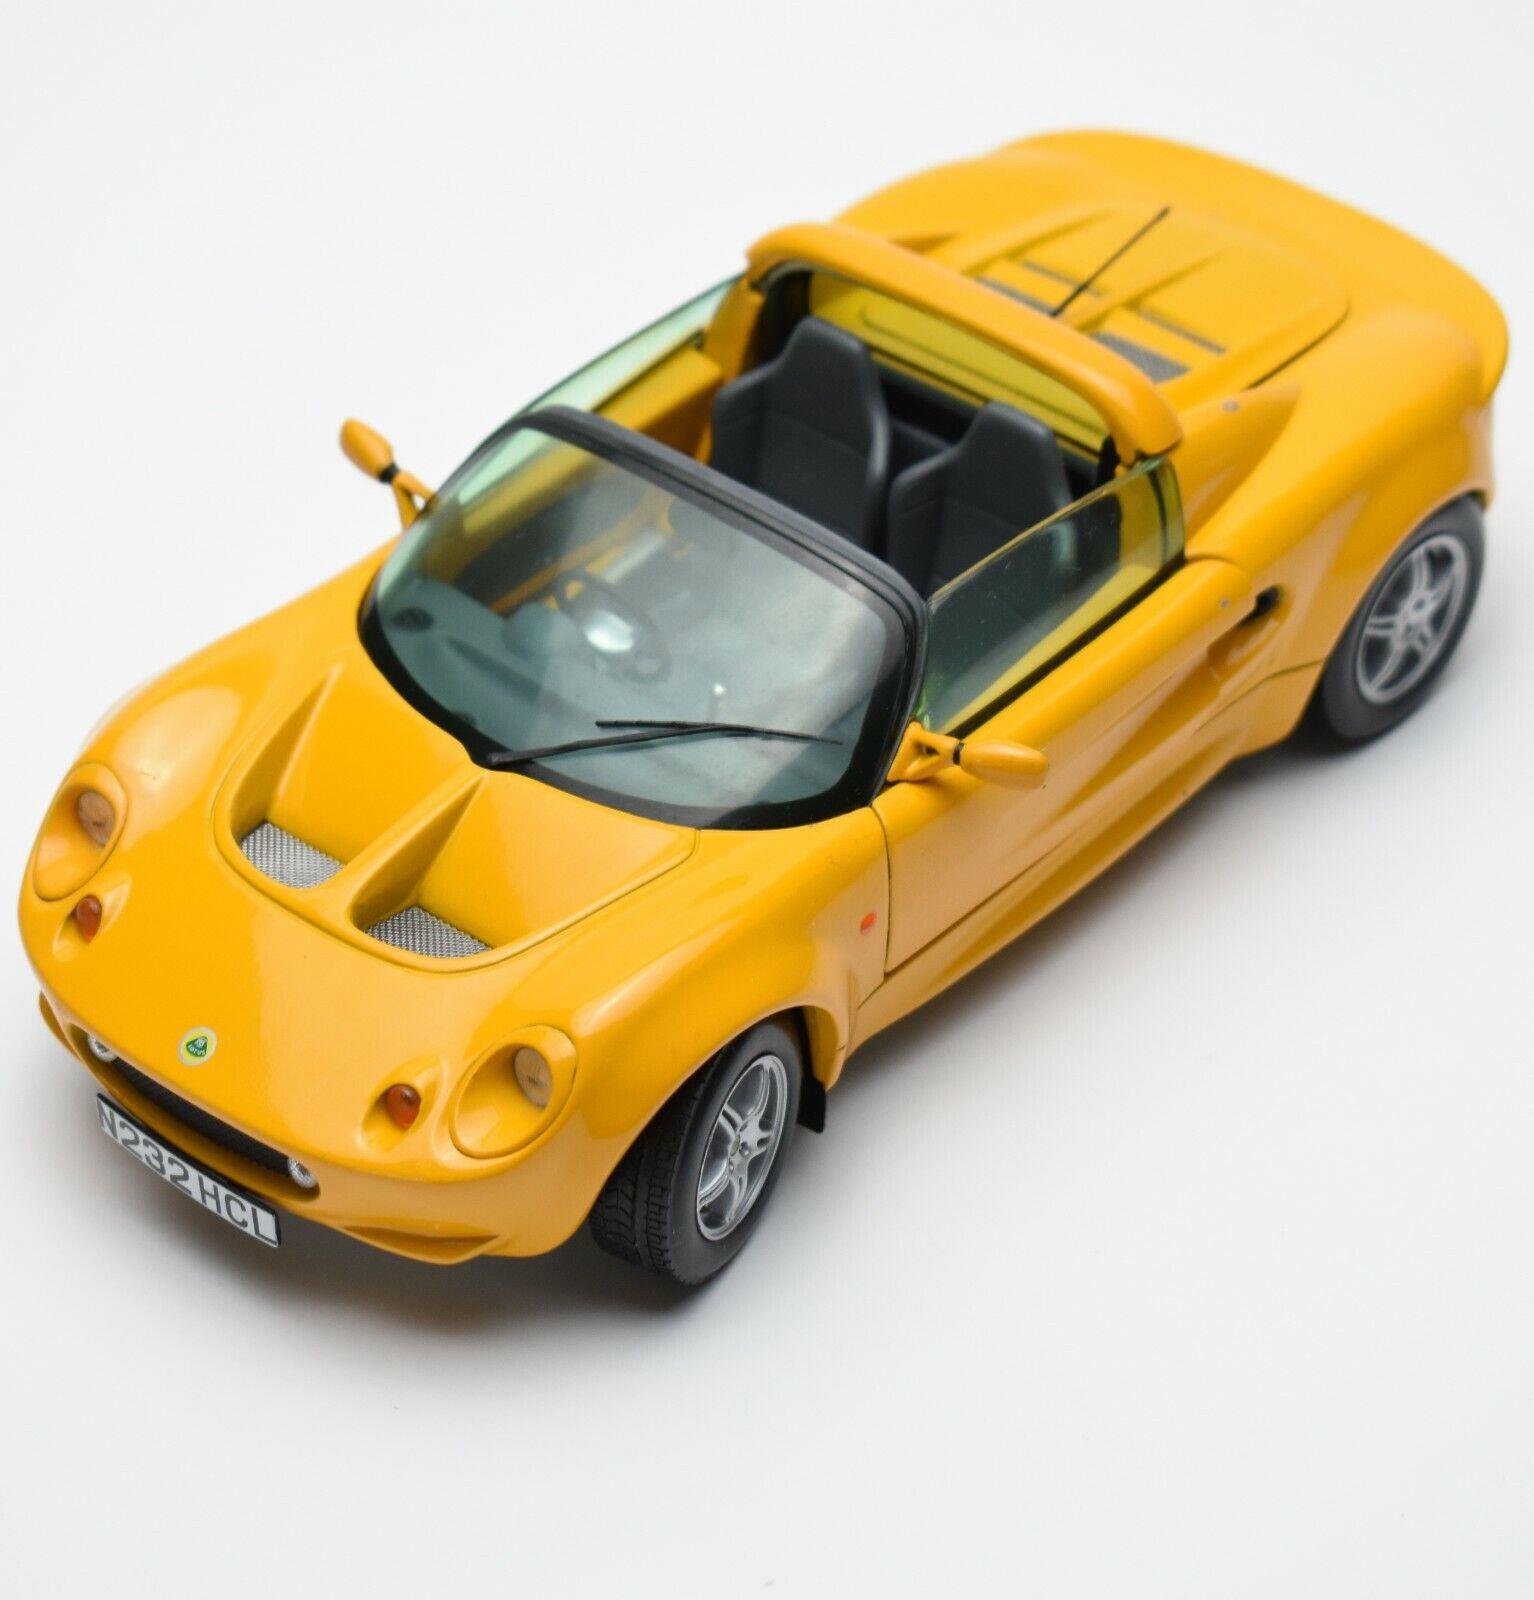 Chrono H 1020 Lotus  ELISE Sports voiture hommeufacturouge 1997 in jaune painted, OVP, 1 18, K042  commandez maintenant avec gros rabais et livraison gratuite